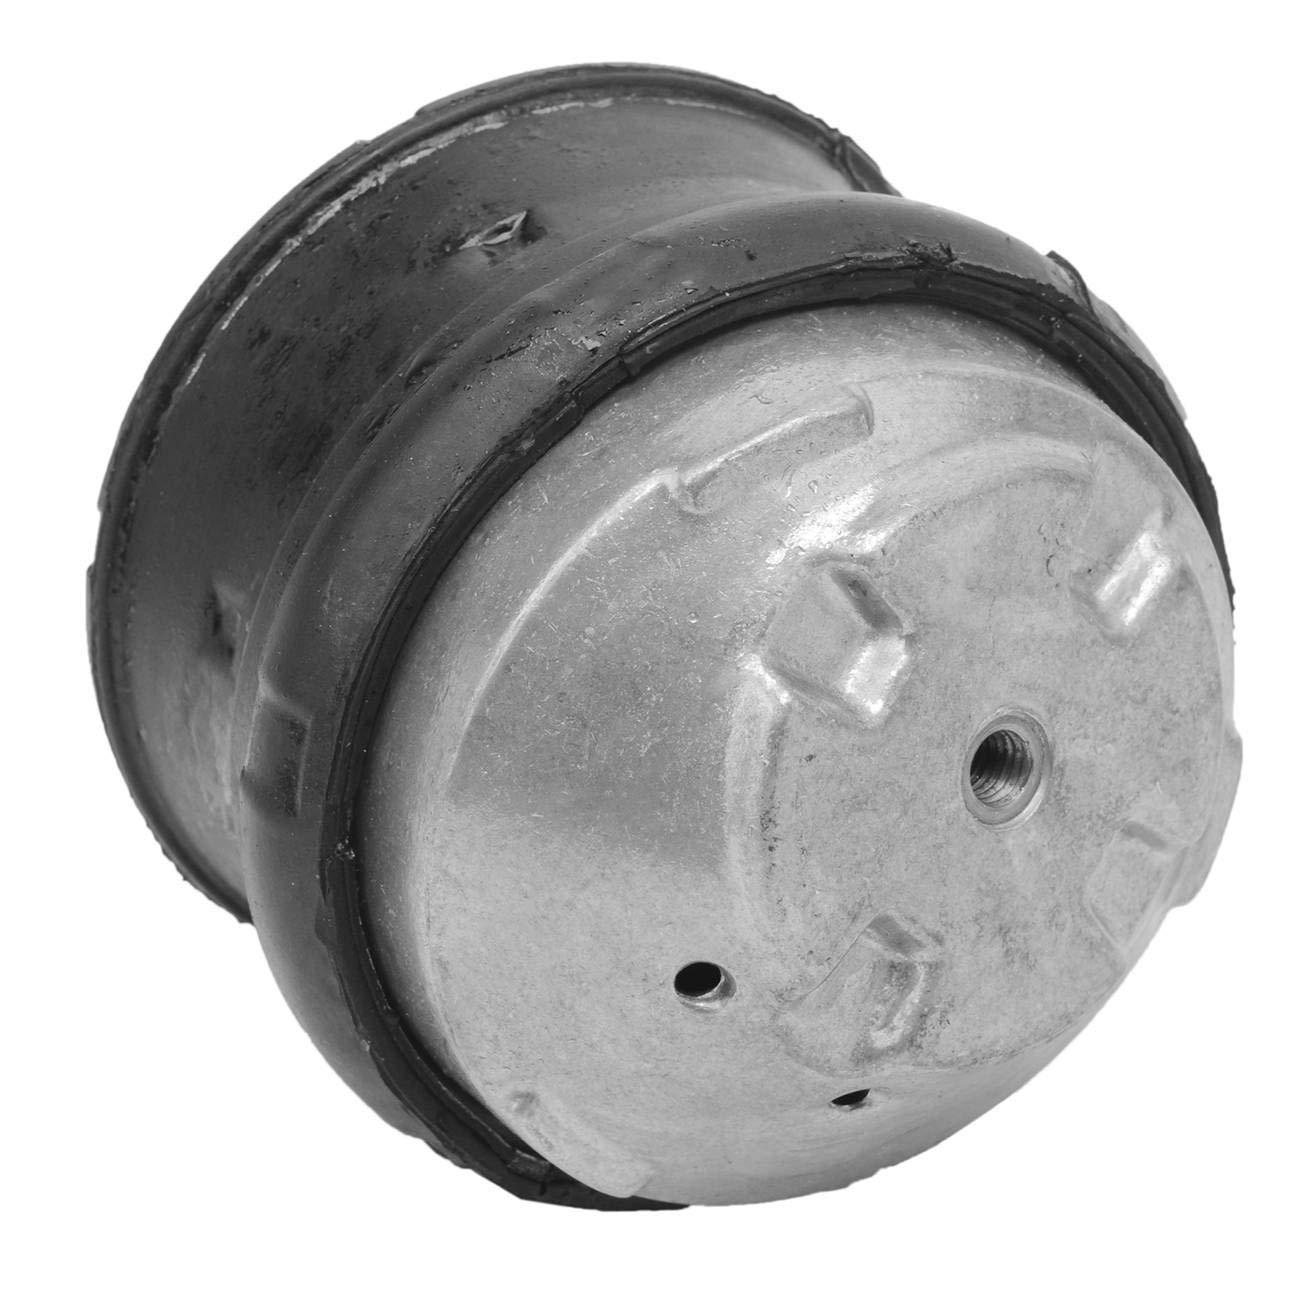 Bapmic 2202400218 Lot de 3 roulements de moteur pour roulement /à engrenage C//E//S//G CLK//CLS//SL//SLK W203 S203